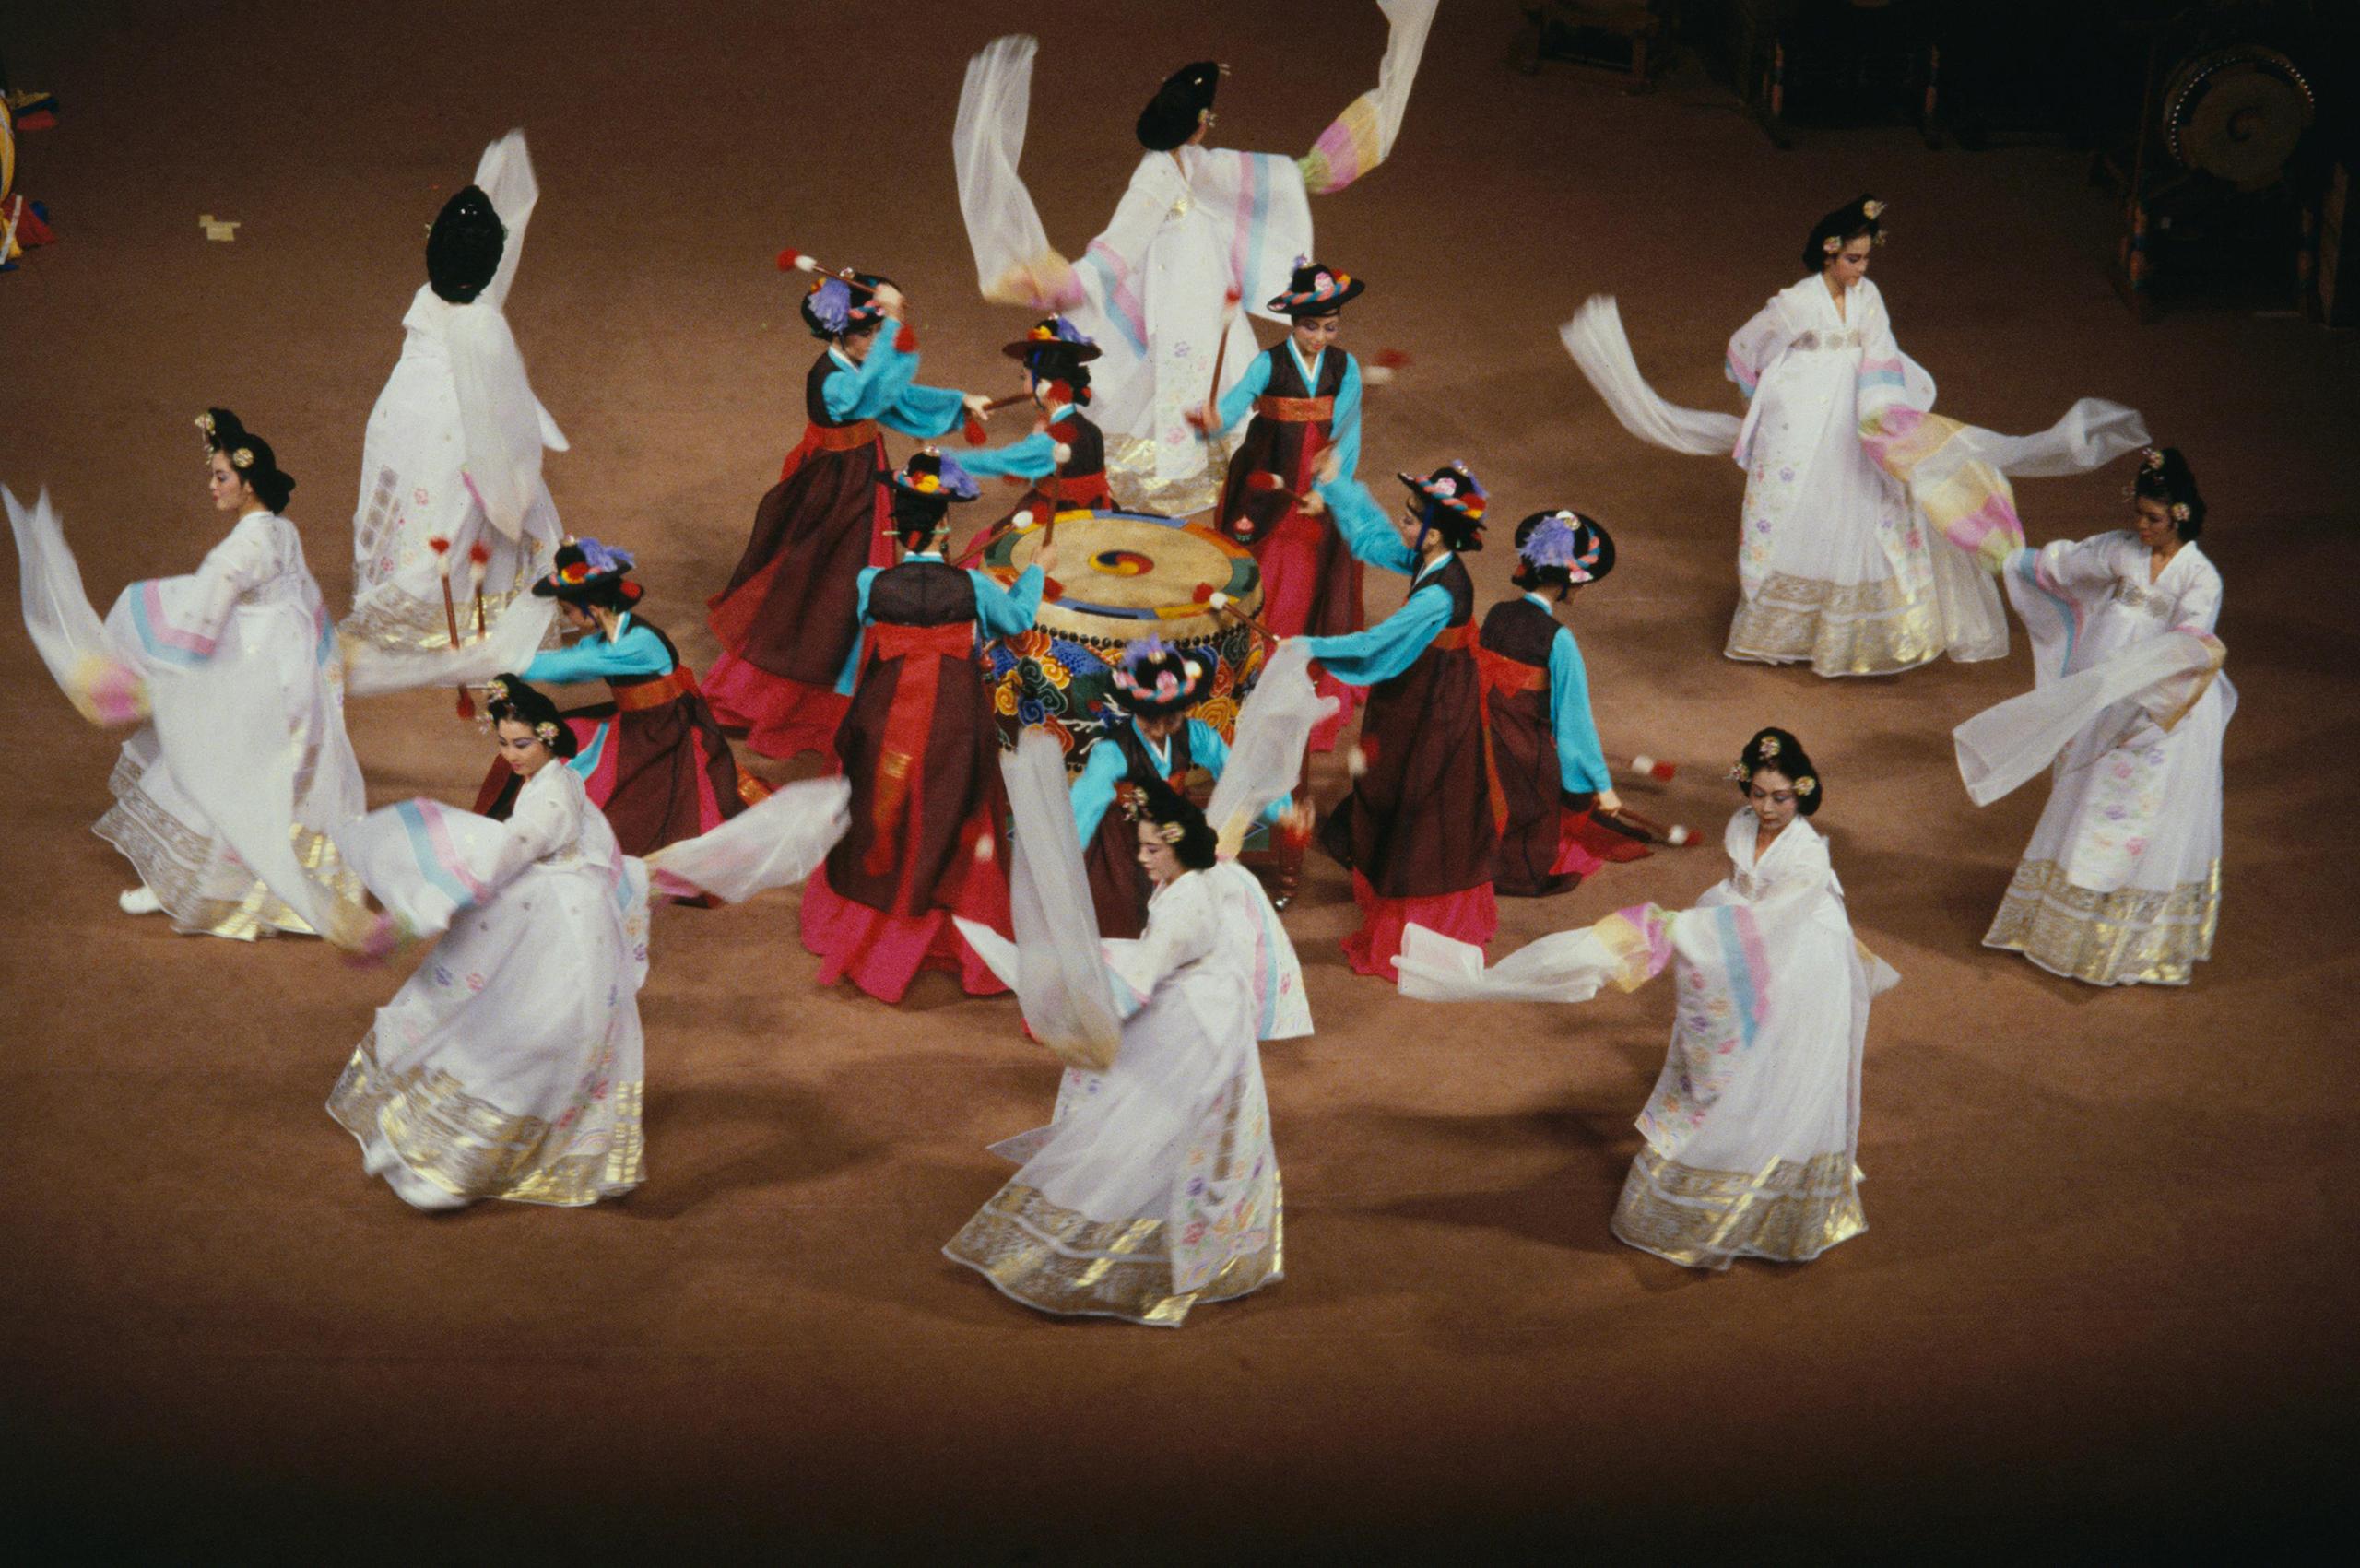 Seoul, 1988Dancers celebrate Korean culture.